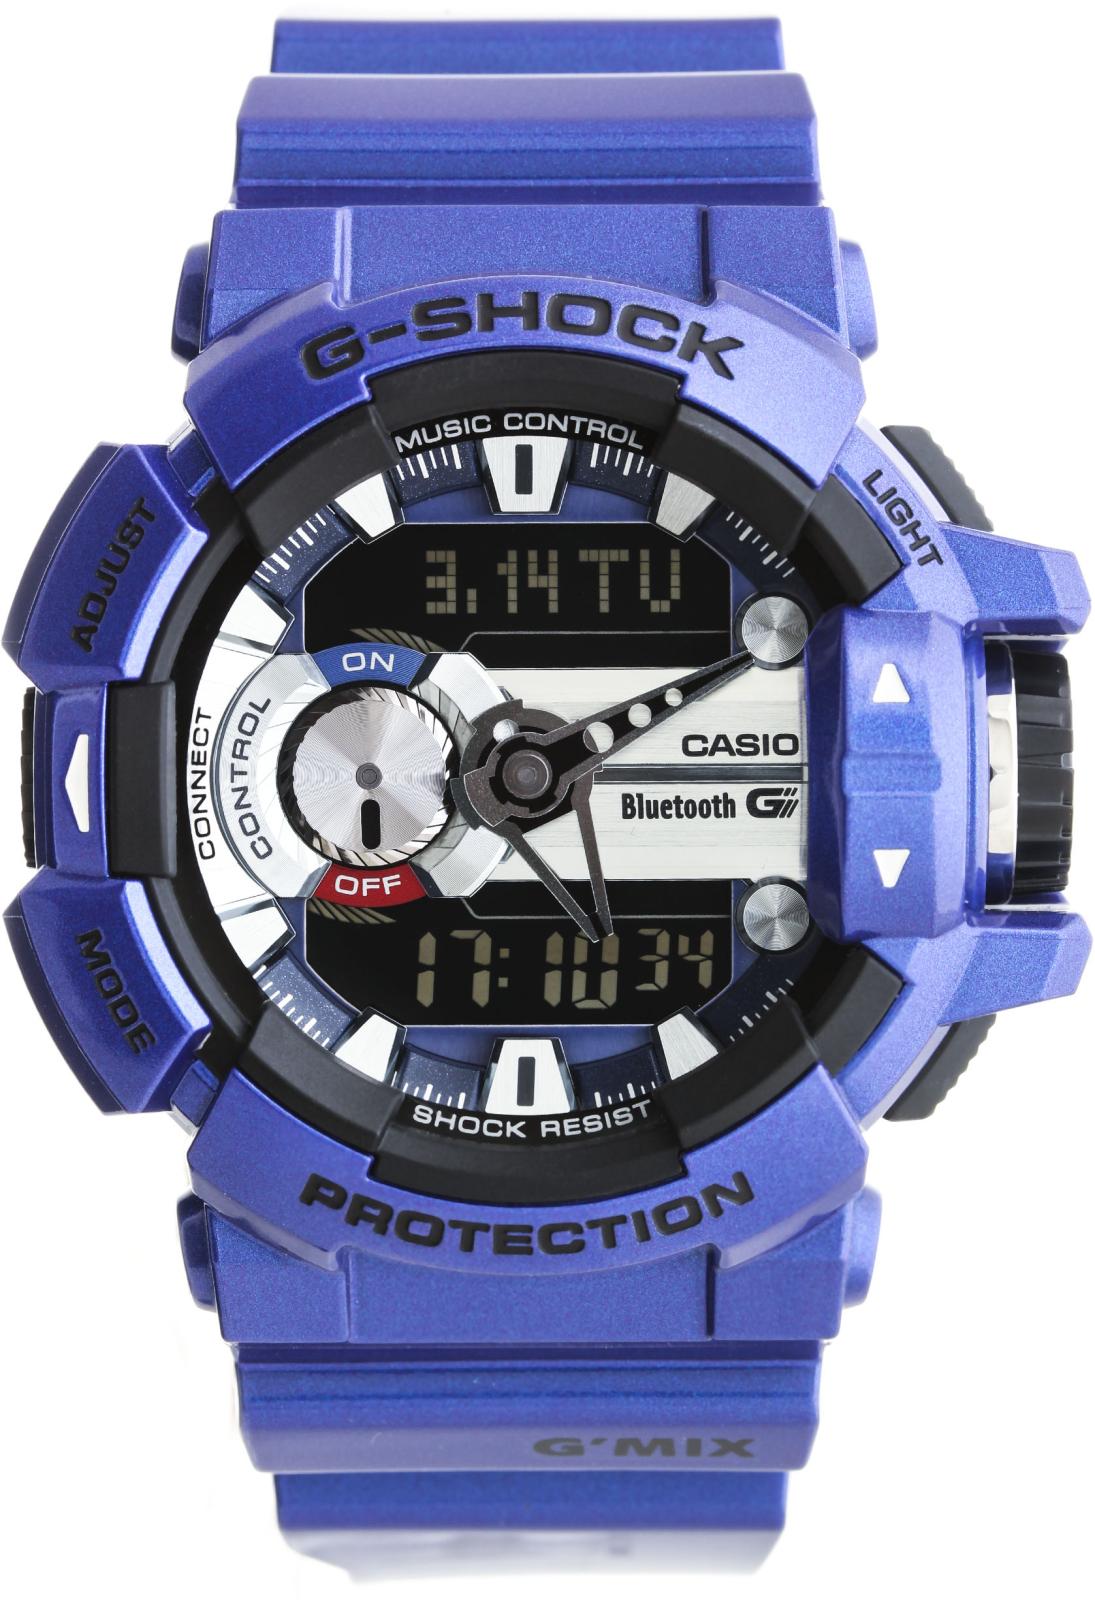 Casio G-shock G-Bluetooth GBA-400-2AНаручные часы<br>Японские часы Casio G-shock G-Bluetooth GBA-400-2A<br><br>Пол: Мужские<br>Страна-производитель: Япония<br>Механизм: Кварцевый<br>Материал корпуса: Пластик<br>Материал ремня/браслета: Каучук<br>Водозащита, диапазон: 200 - 800 м<br>Стекло: Минеральное<br>Толщина корпуса: None<br>Стиль: Спорт